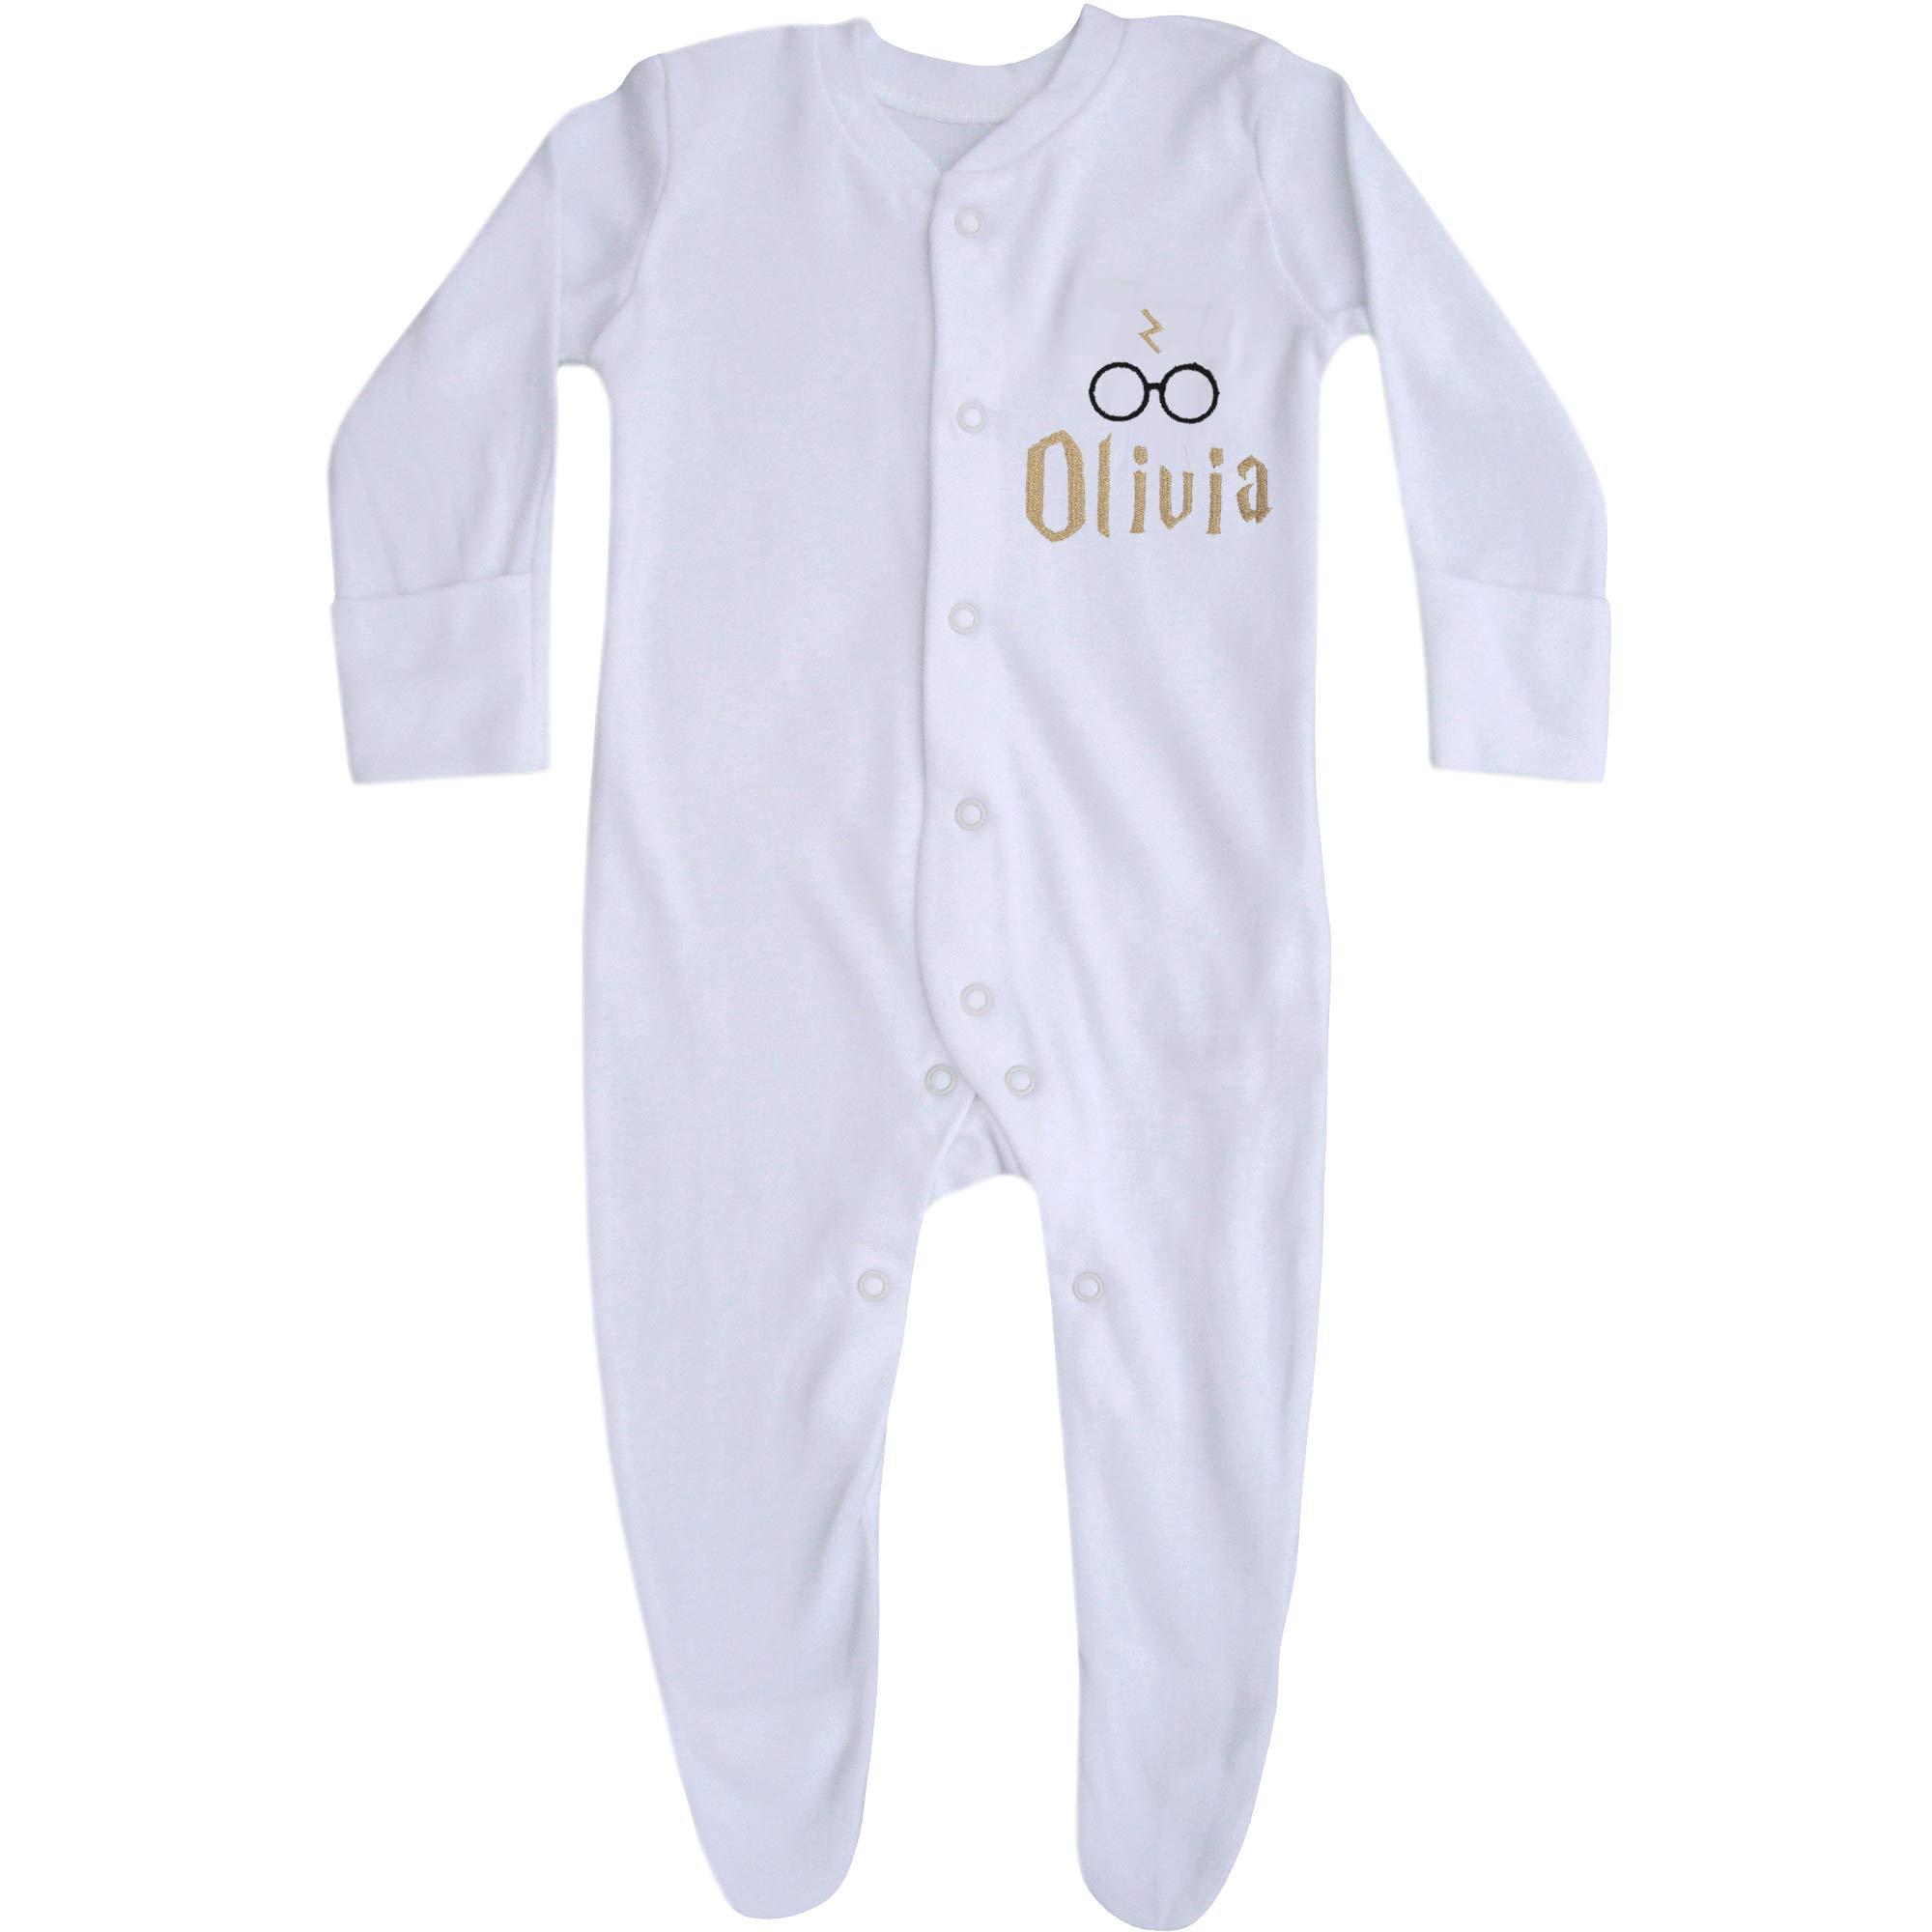 TeddyTs Personalised White Baby Sleepsuit